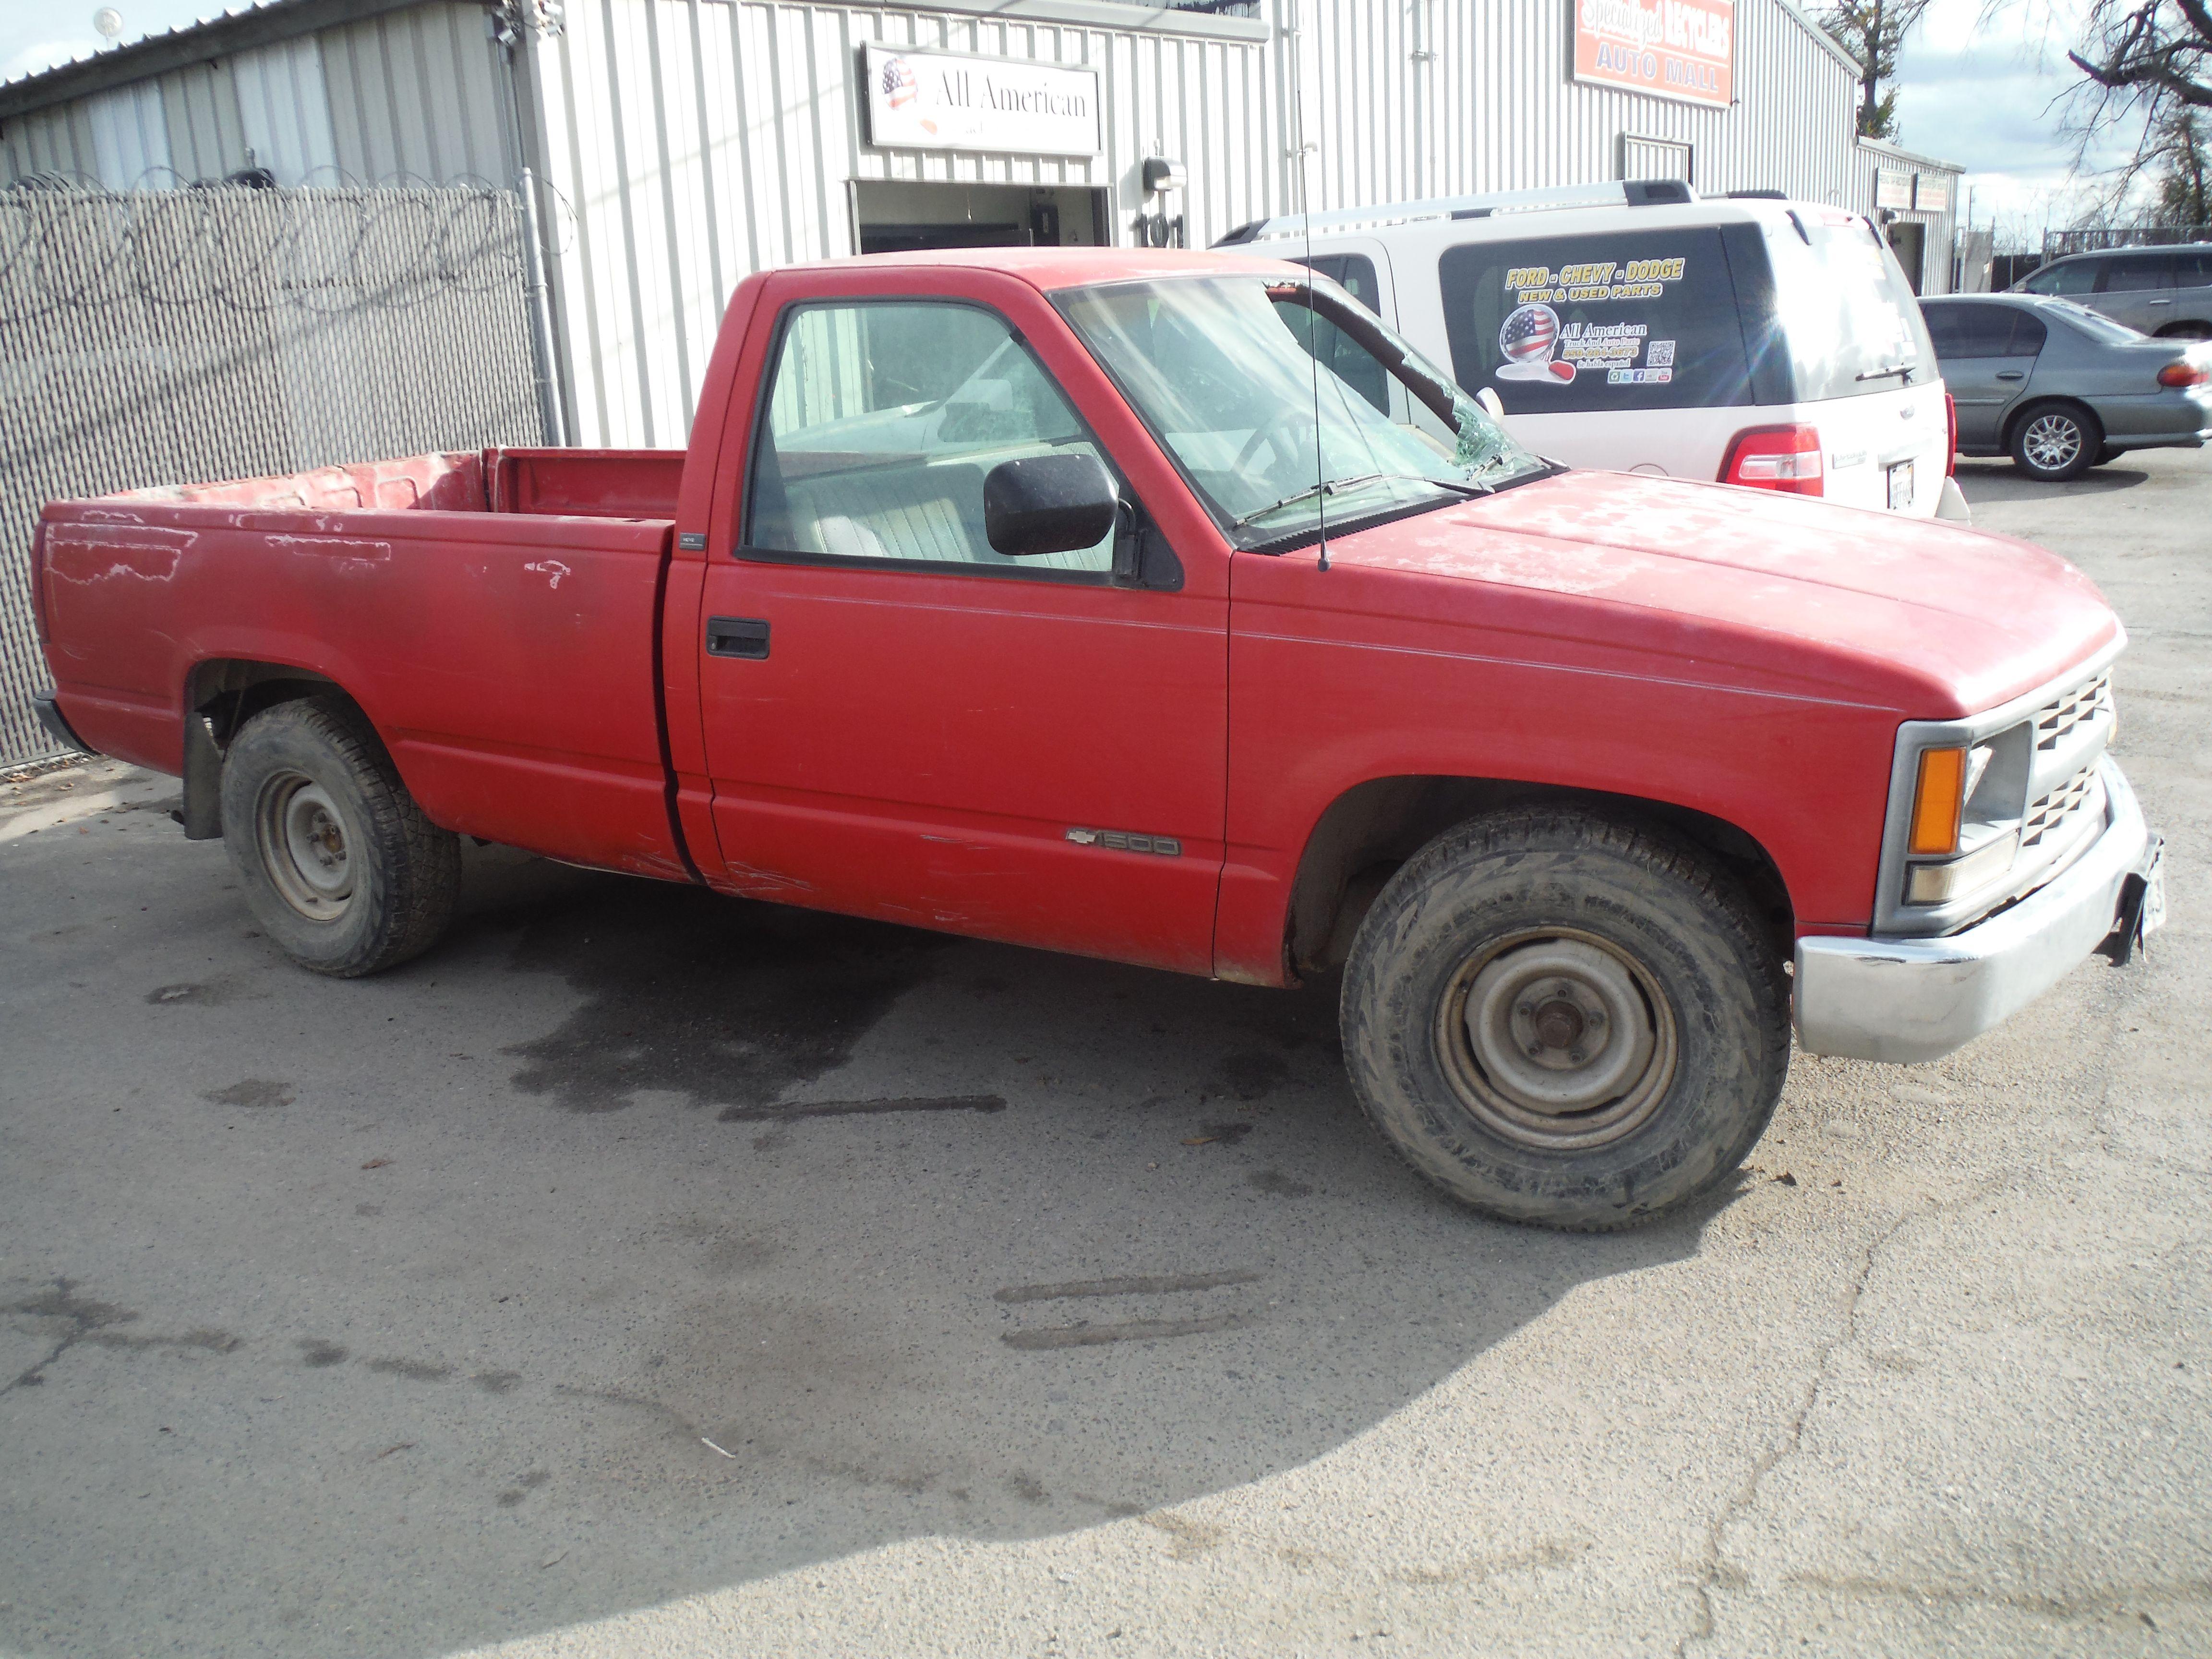 1994 chevy c k 1500 regular cab w t 8ft bed 2wd 5 0l with 268k miles [ 4608 x 3456 Pixel ]